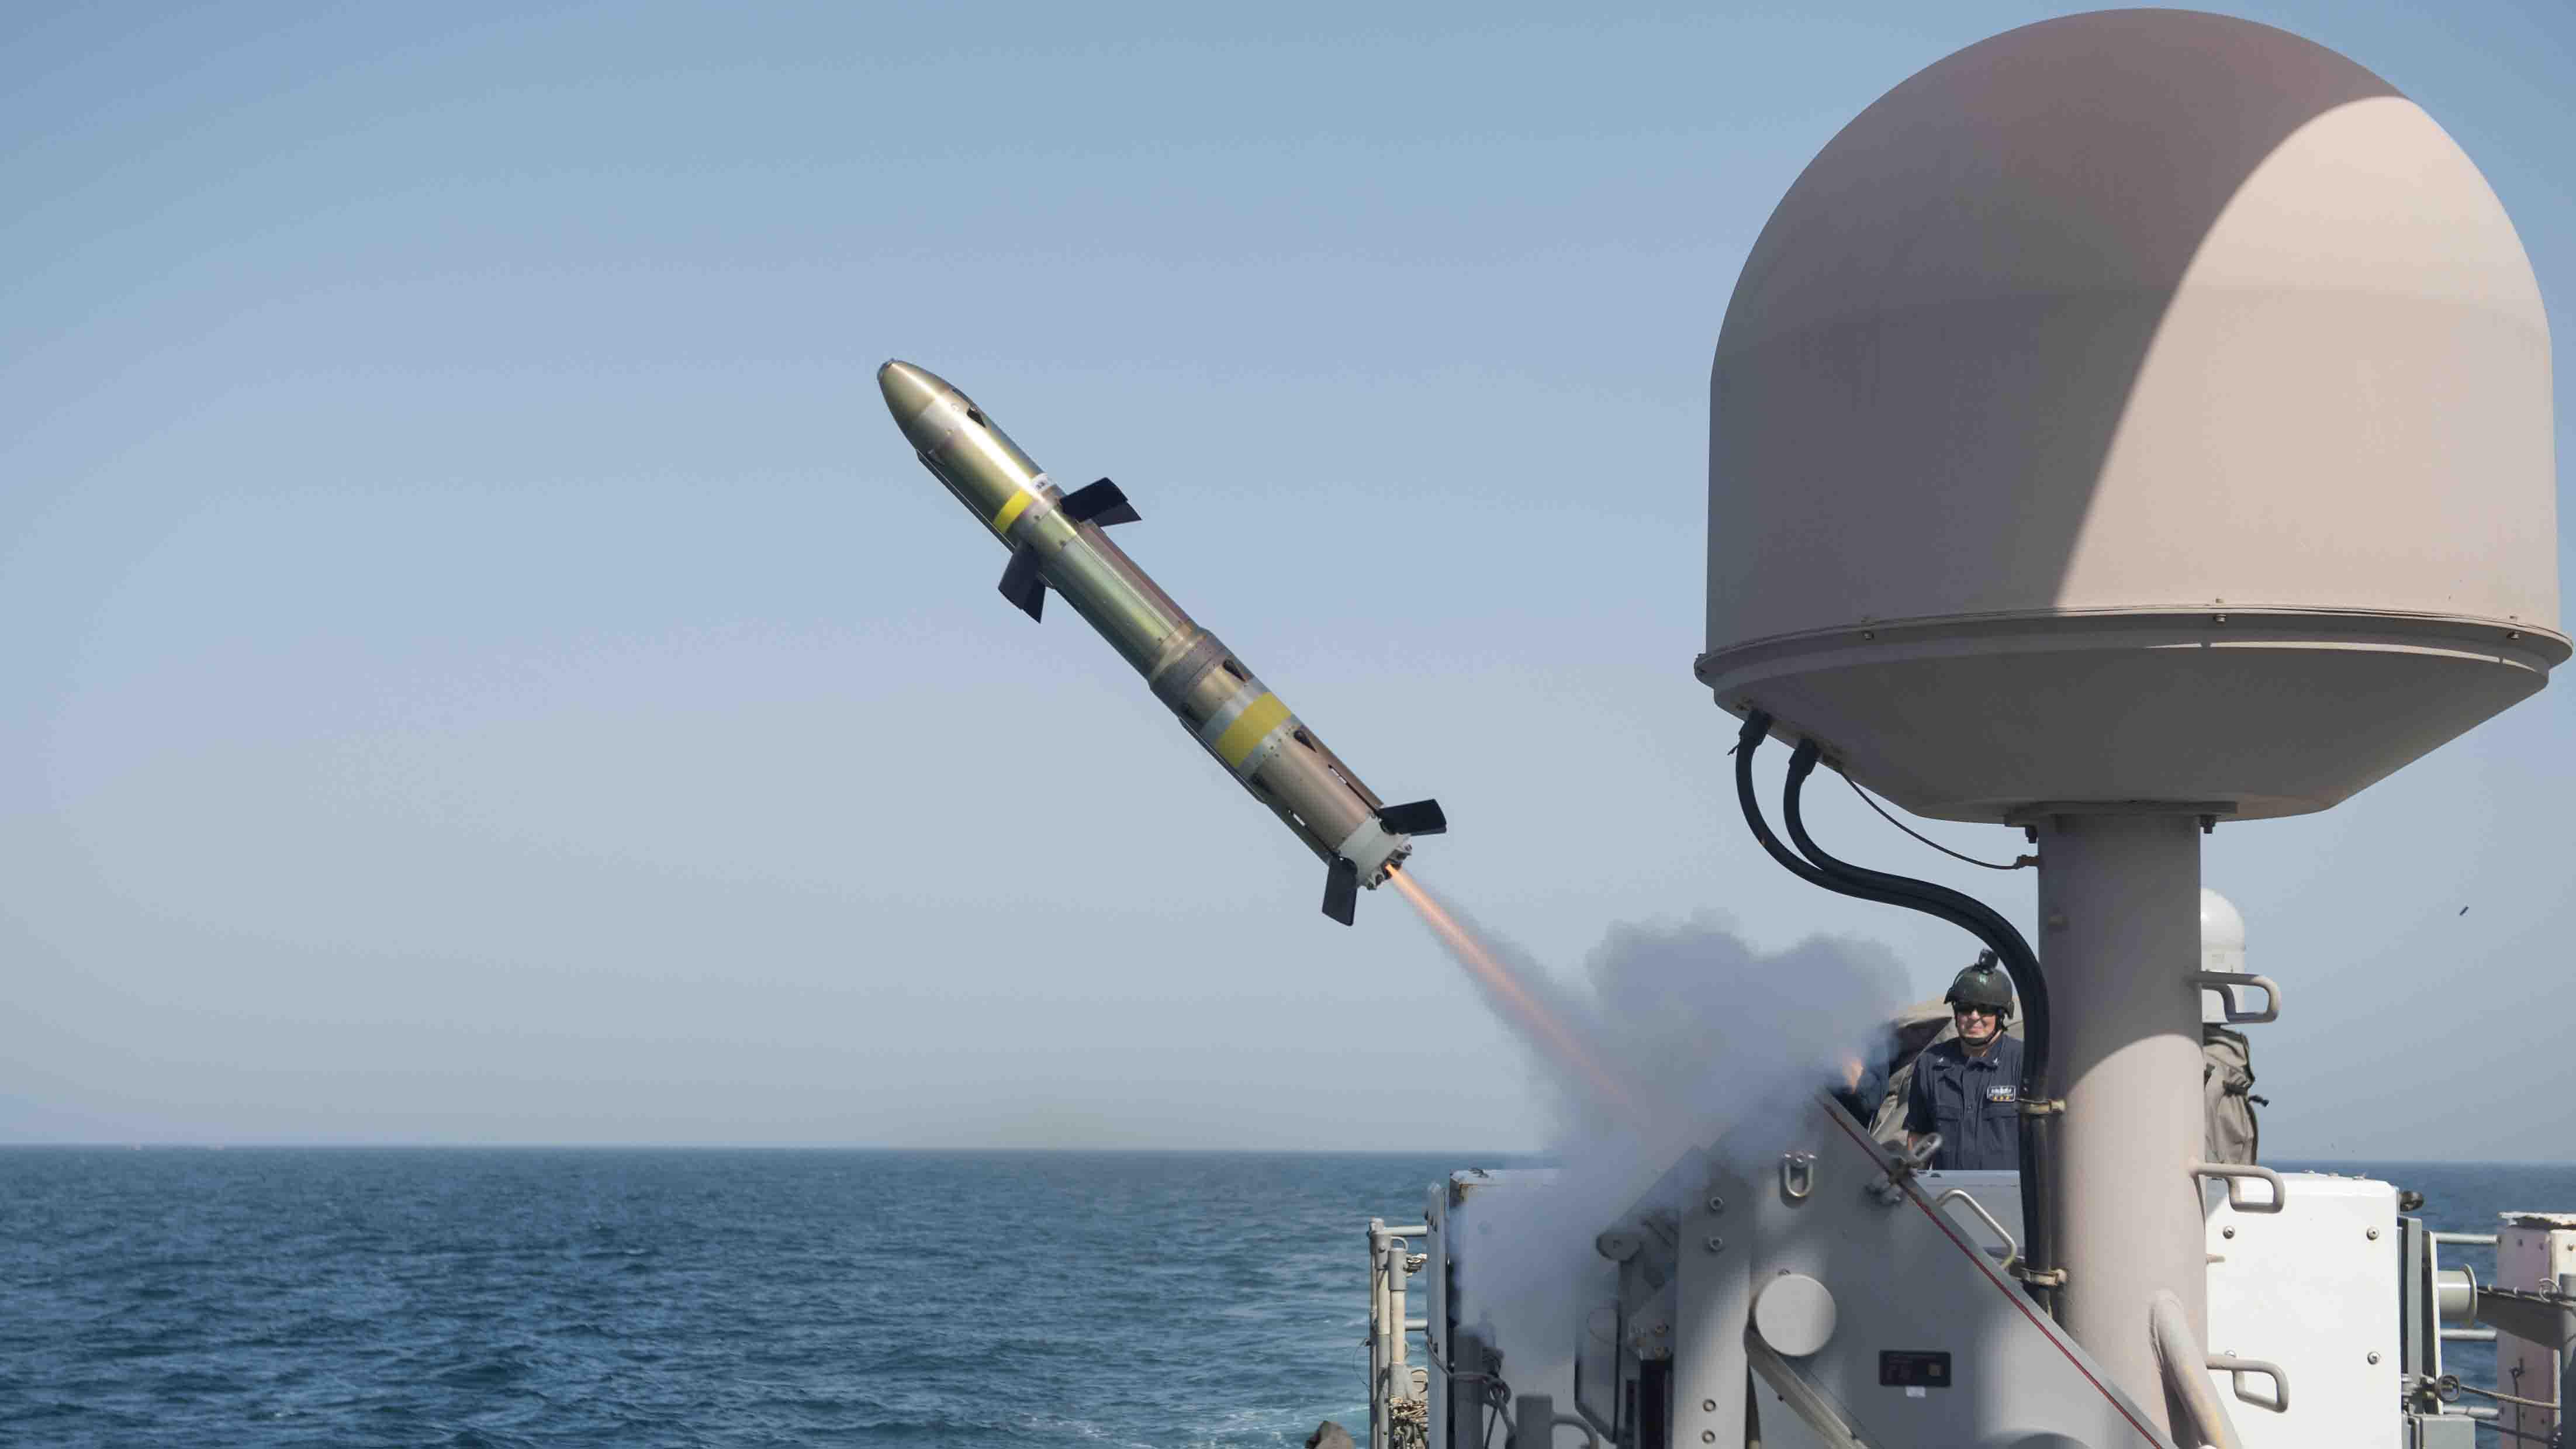 """El misil, denominado """"CM-401"""", tiene un alcance máximo de 290 kilómetros y es capaz dealcanzar velocidades de Mach 6"""